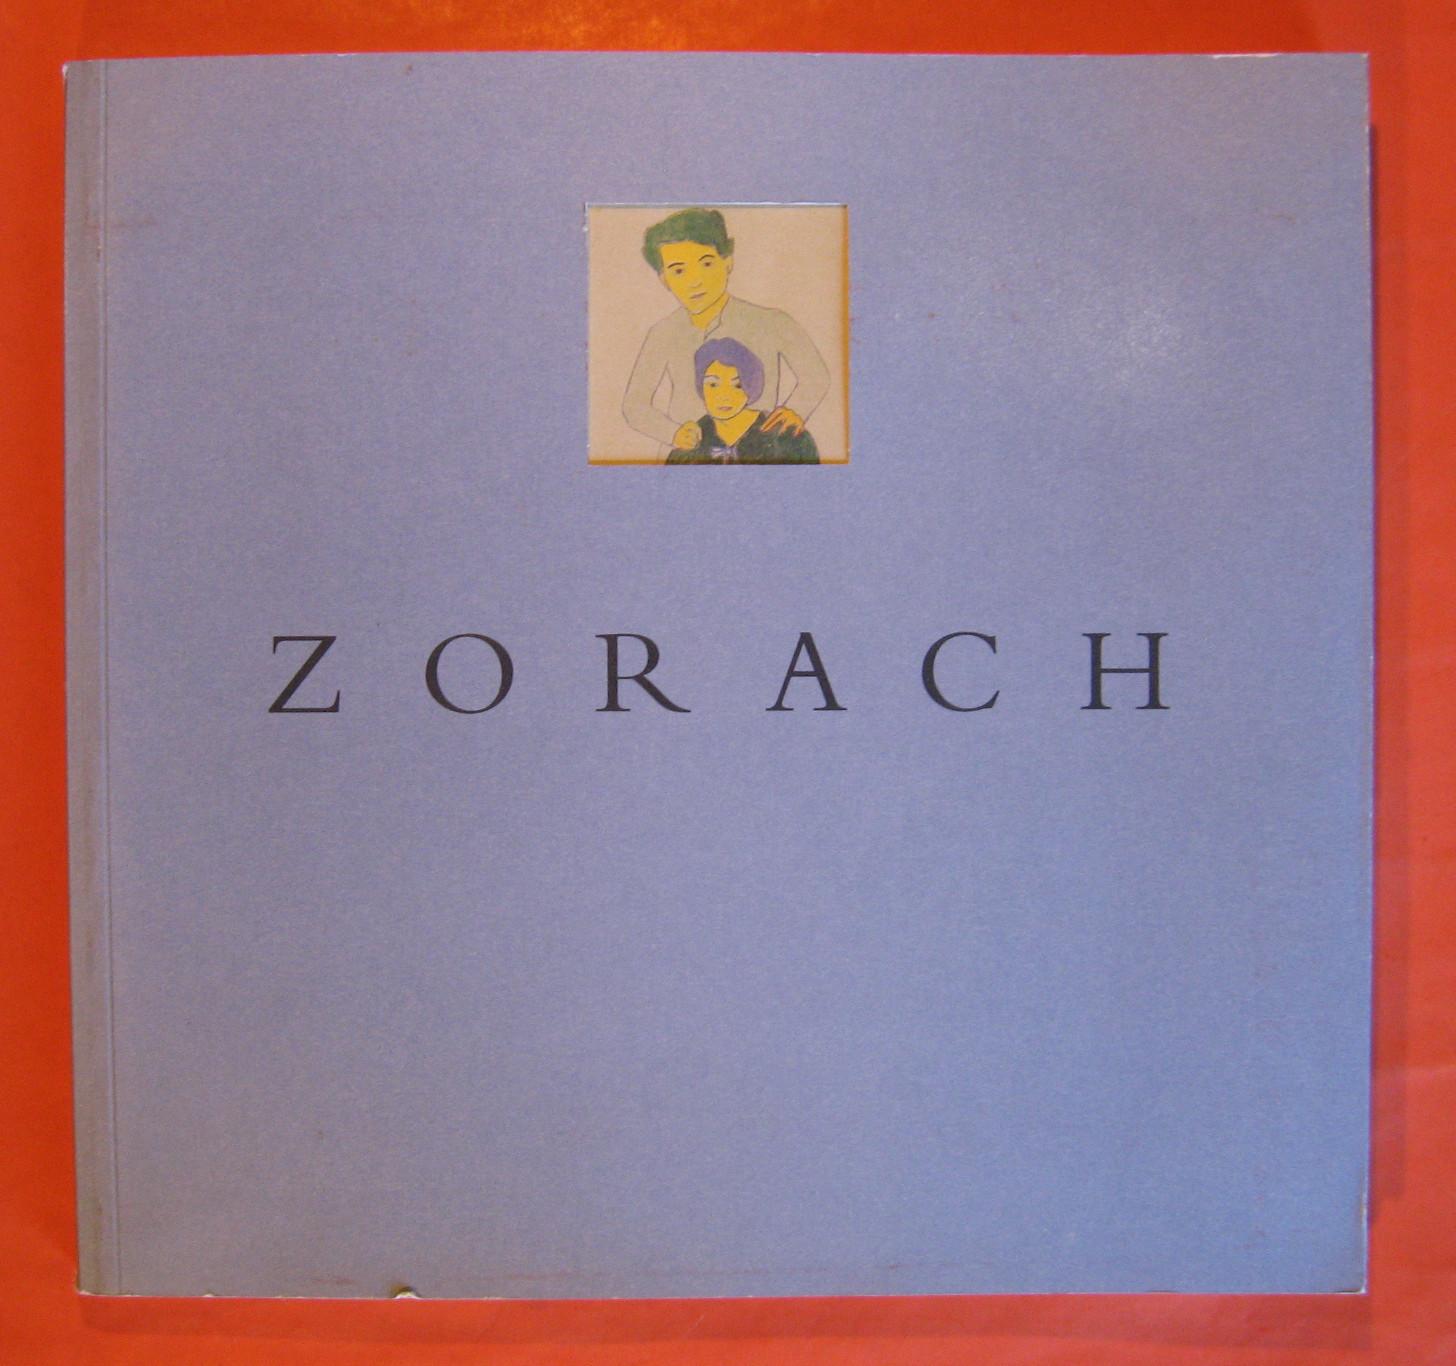 Marguerite & William Zorach: Harmonies and contrasts, Marguerite Zorach